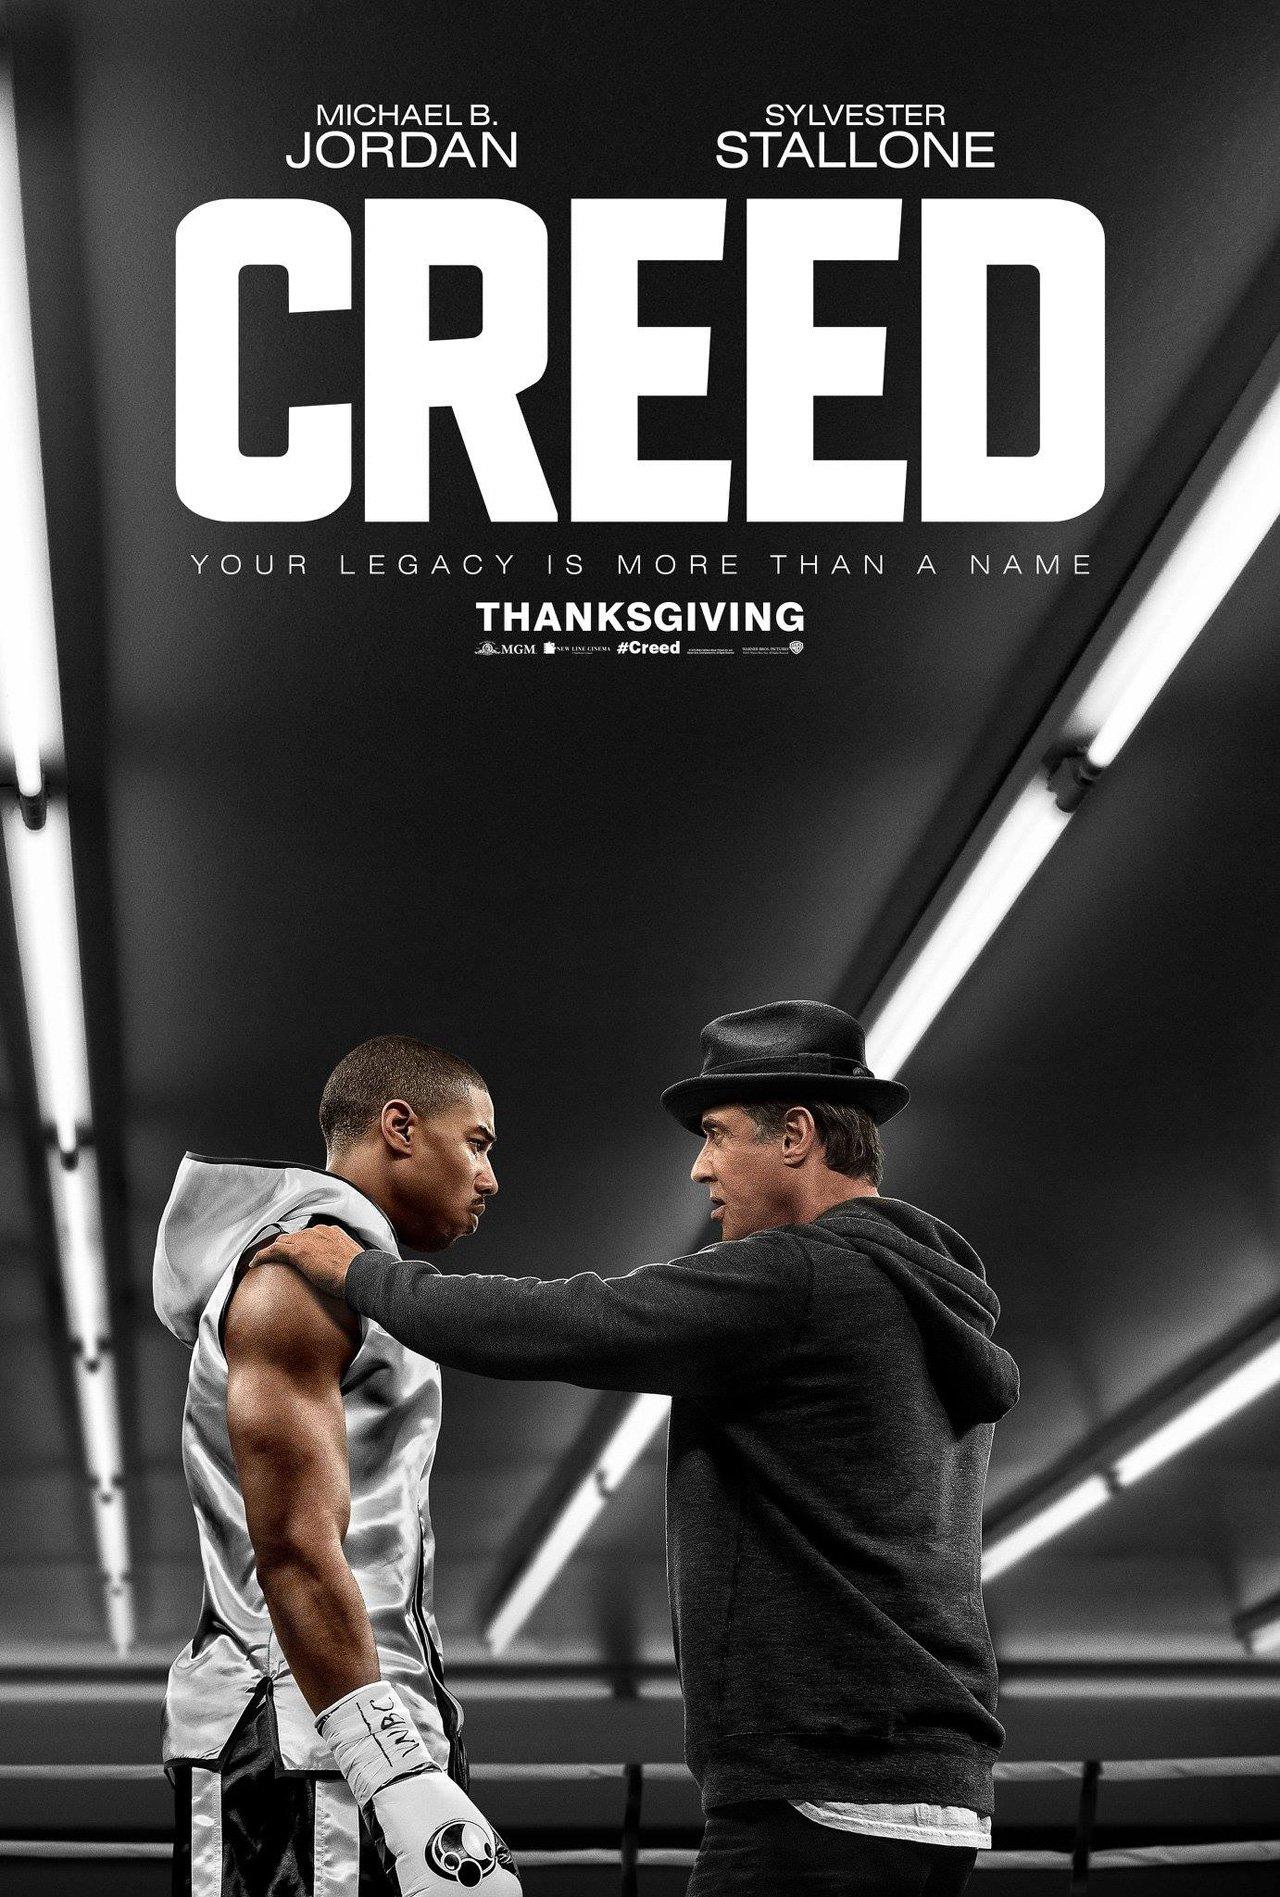 Creed ครี้ด บ่มแชมป์เลือดนักชก (2015)